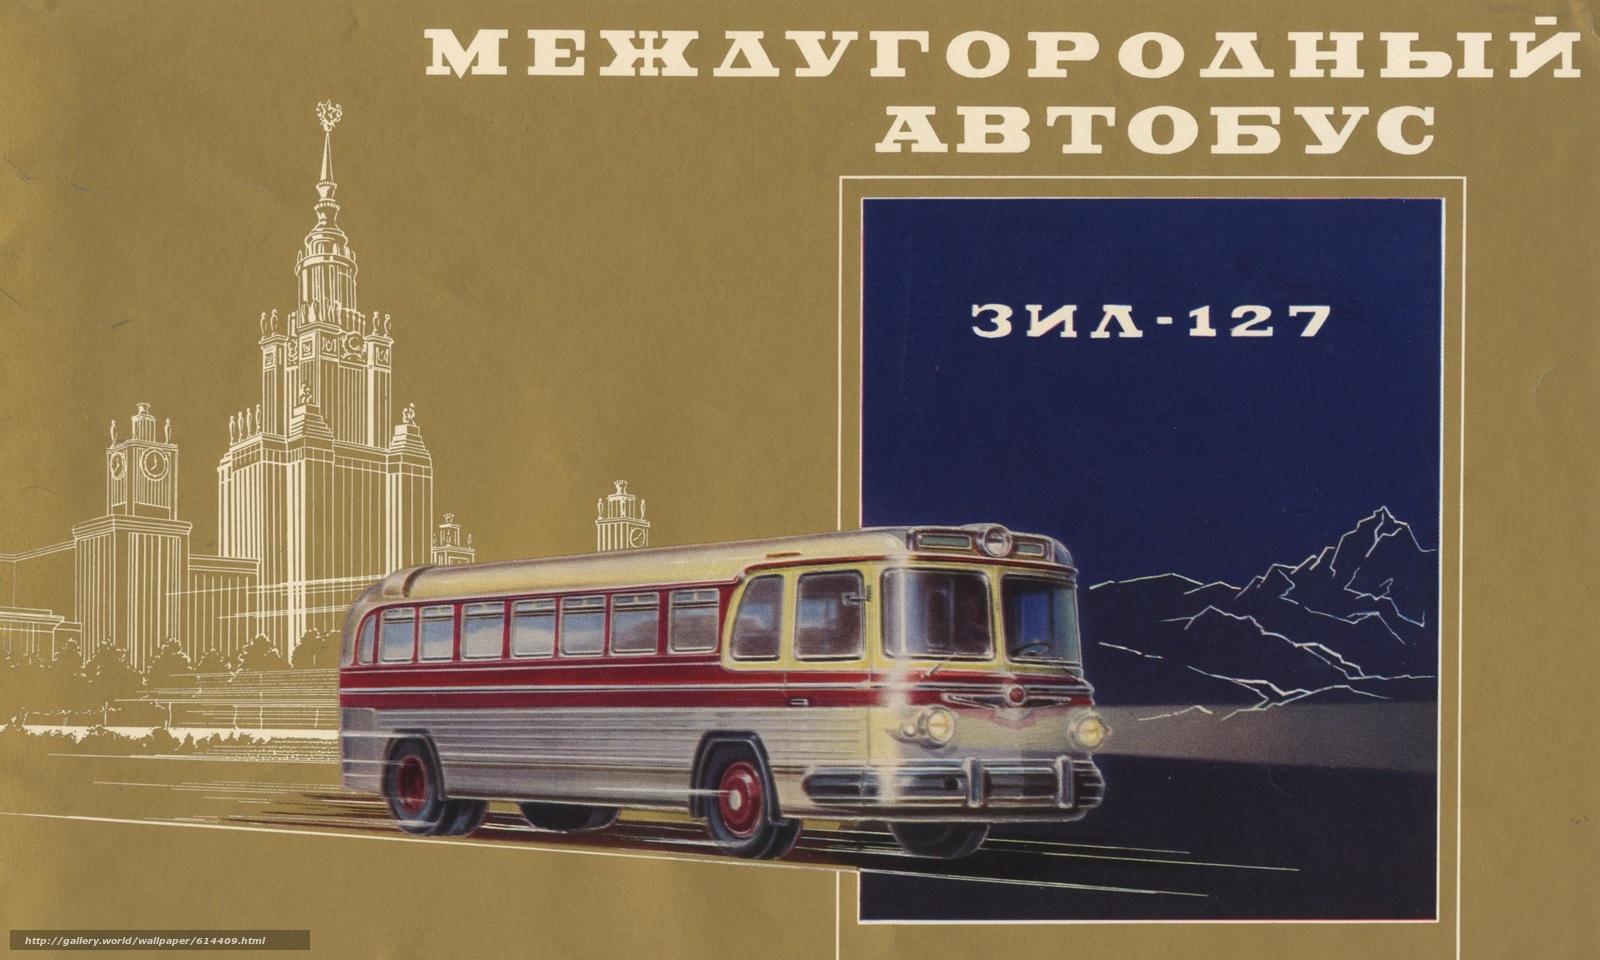 междугородний, автобус, ЗИЛ-127, ЗИЛ, СССР, Москва, Россия, ретро, модель, 1955